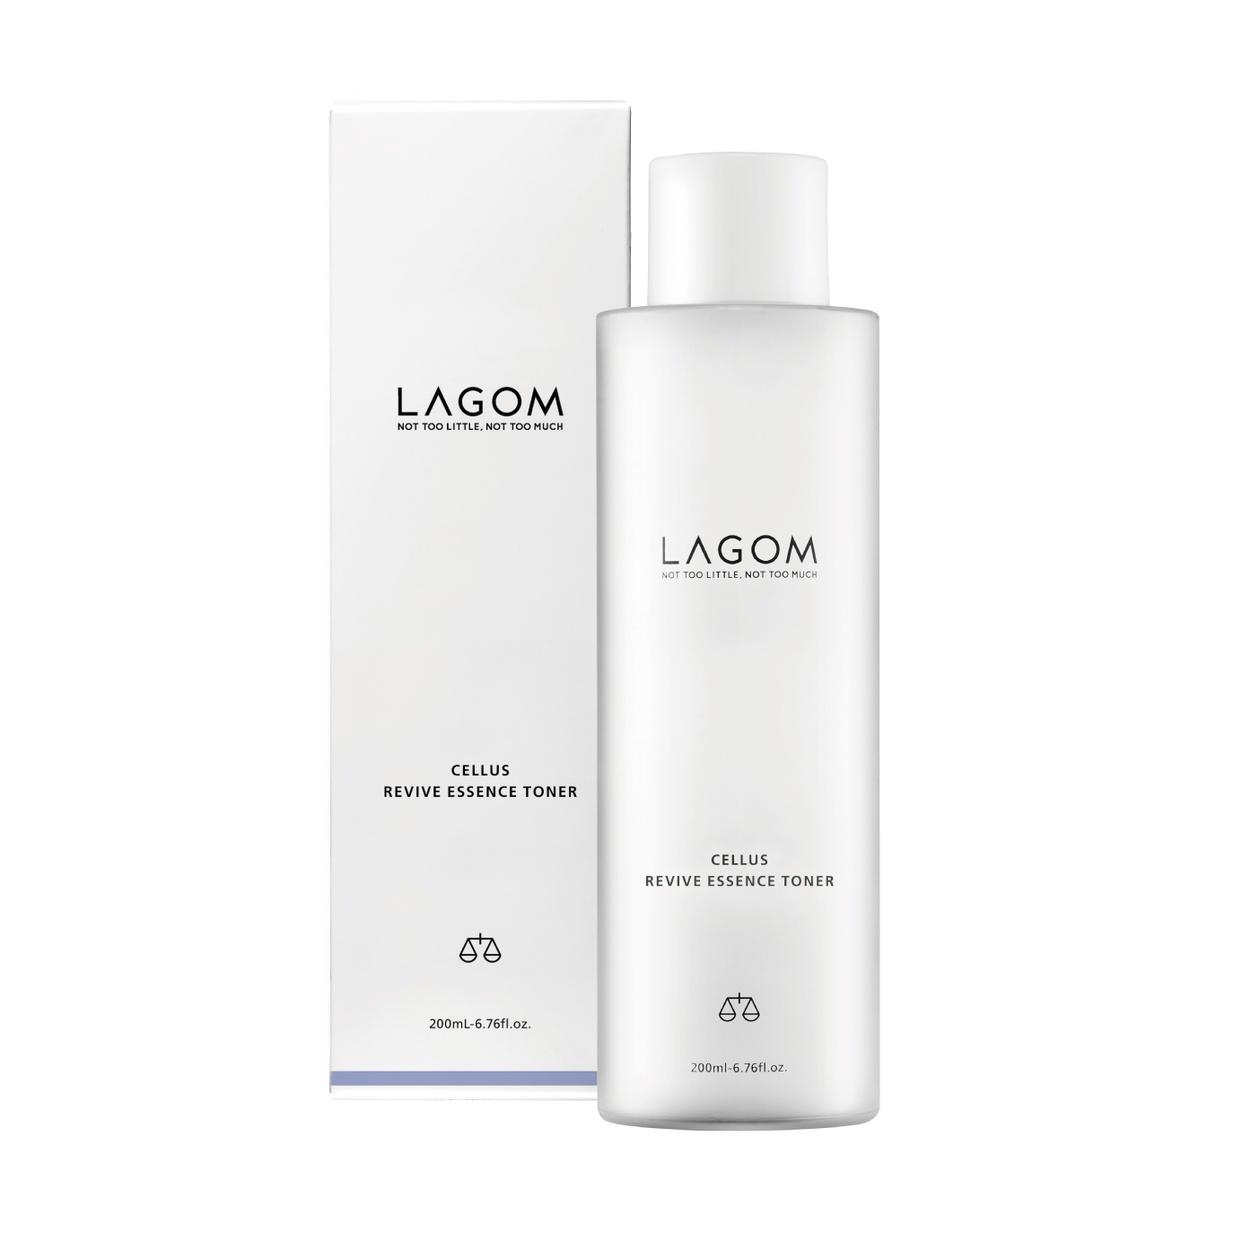 LAGOM(ラゴム) エッセンス トナー